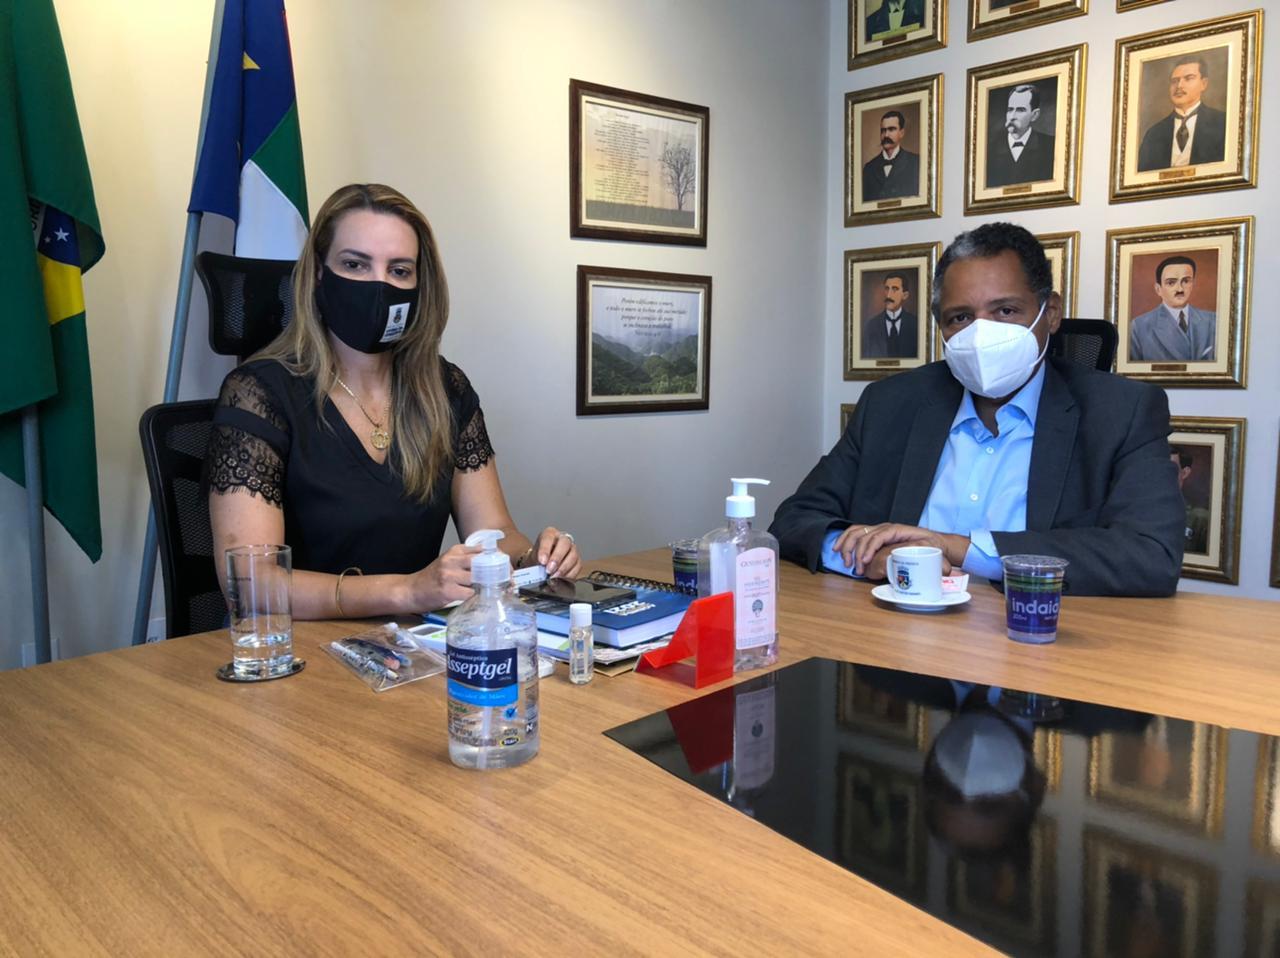 Antonio Brito e Sheila Lemos se reúnem para debater o desenvolvimento de Vitória da Conquista e da região sudoeste